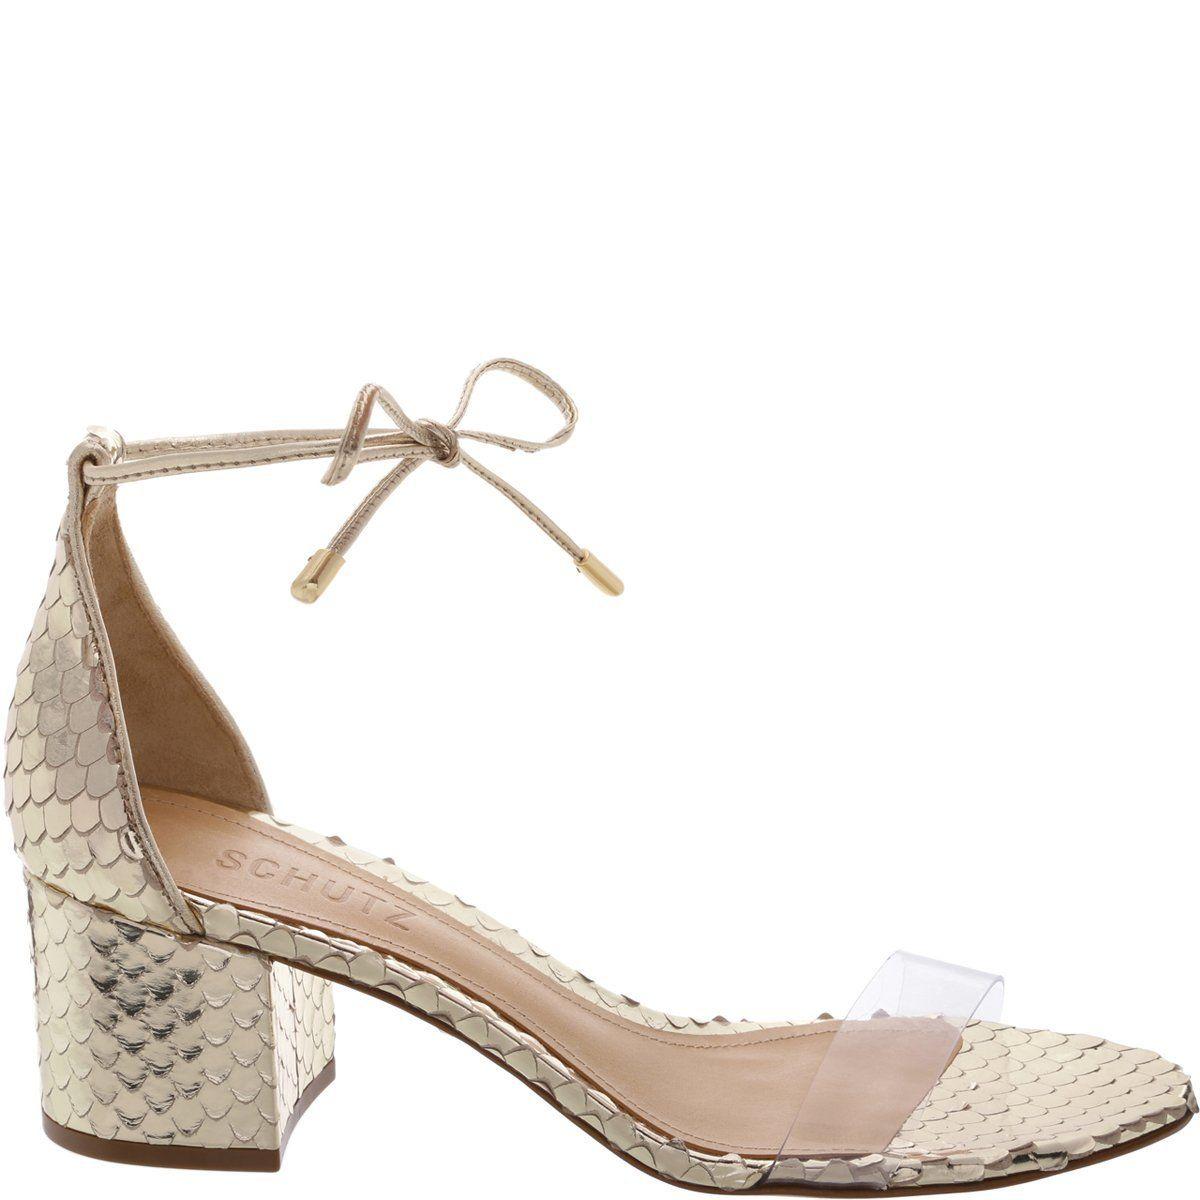 146f3ed83 Sabrinni Snake Embossed Leather Metallic Gold Sandal